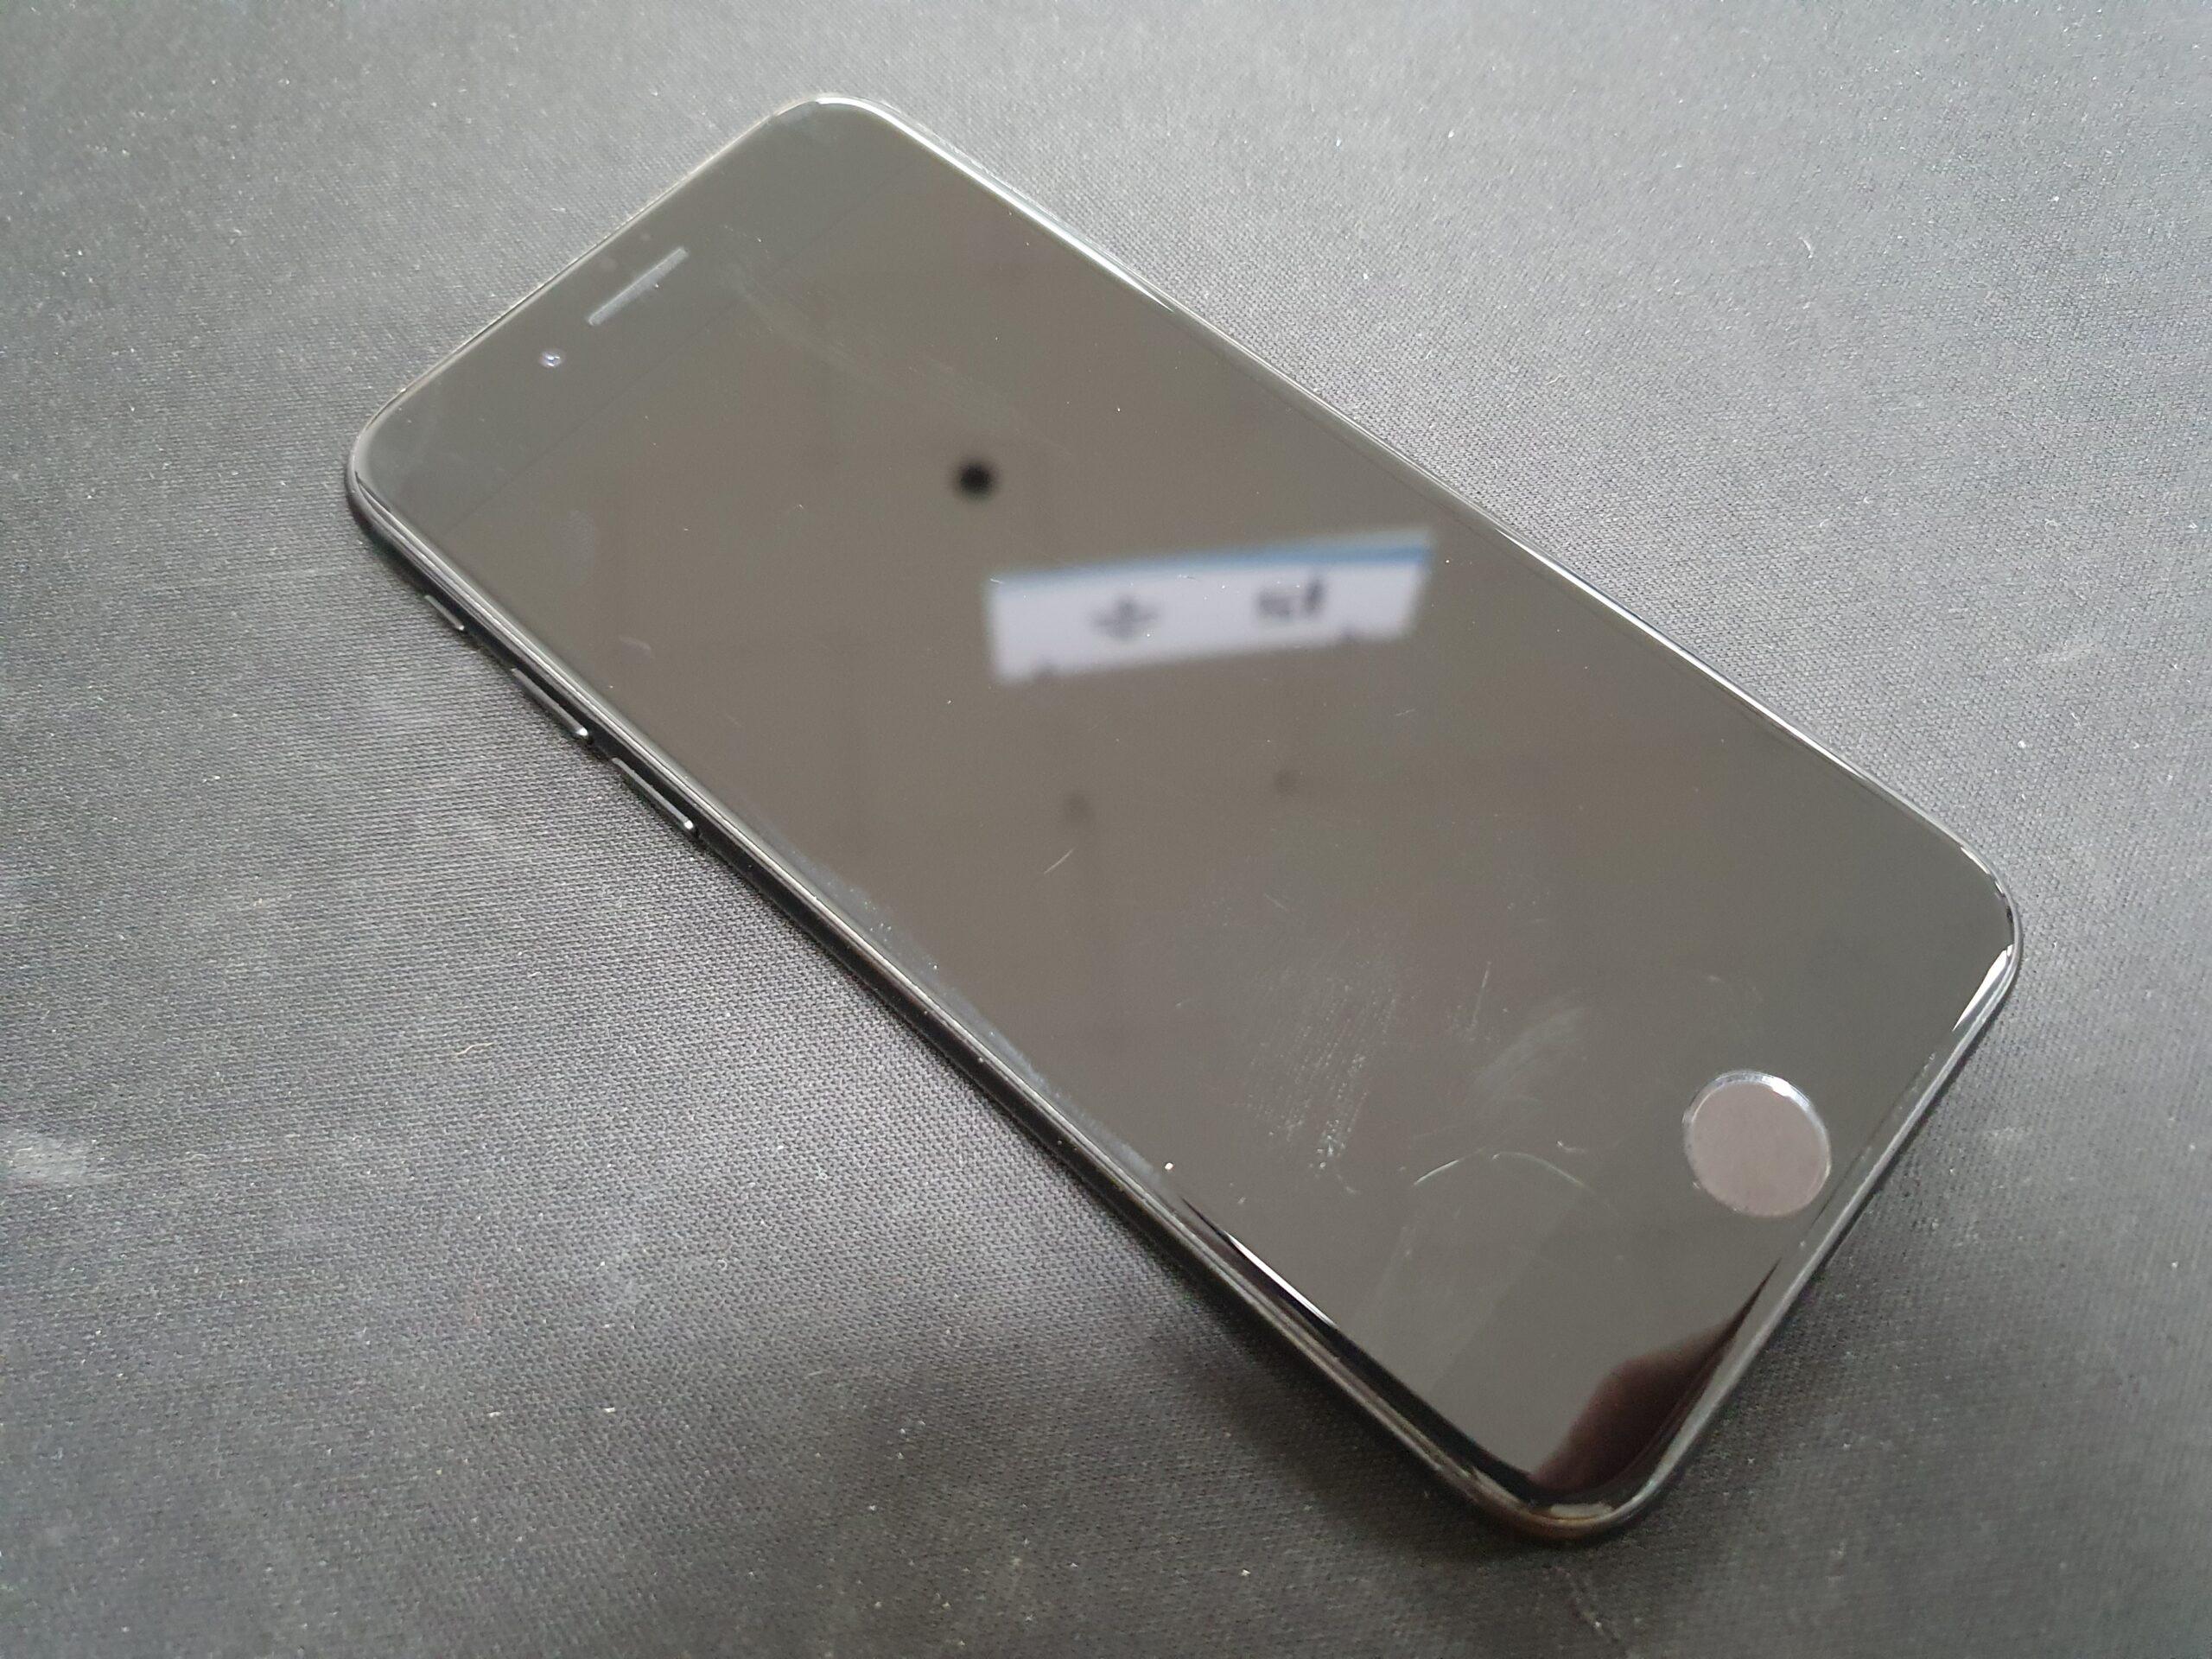 아이폰7 제트블랙 스크래치에 약해요